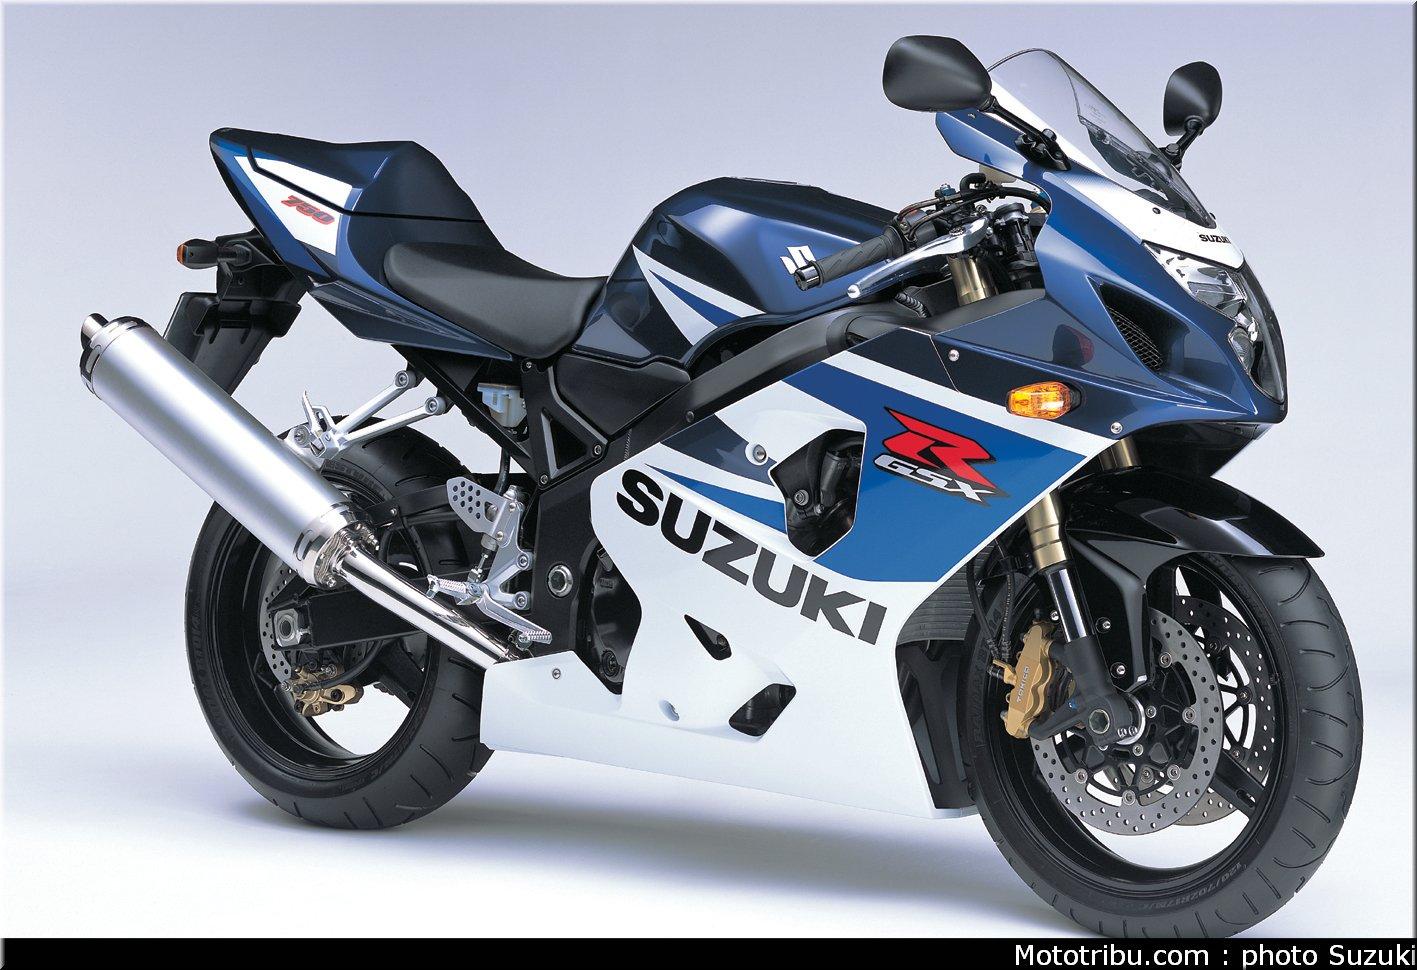 Suzuki hypersport 2010   image HQ cliquer 1417x970